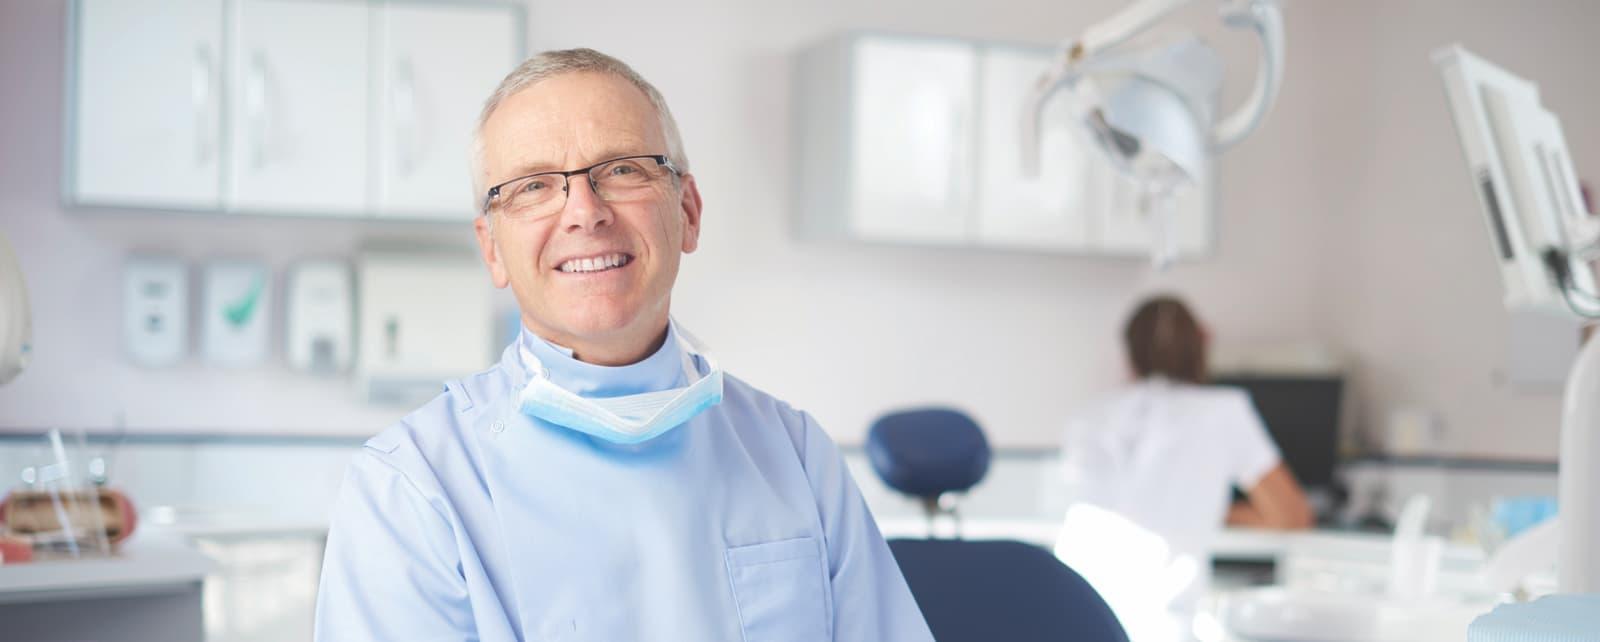 We've got your dental negligence claim covered